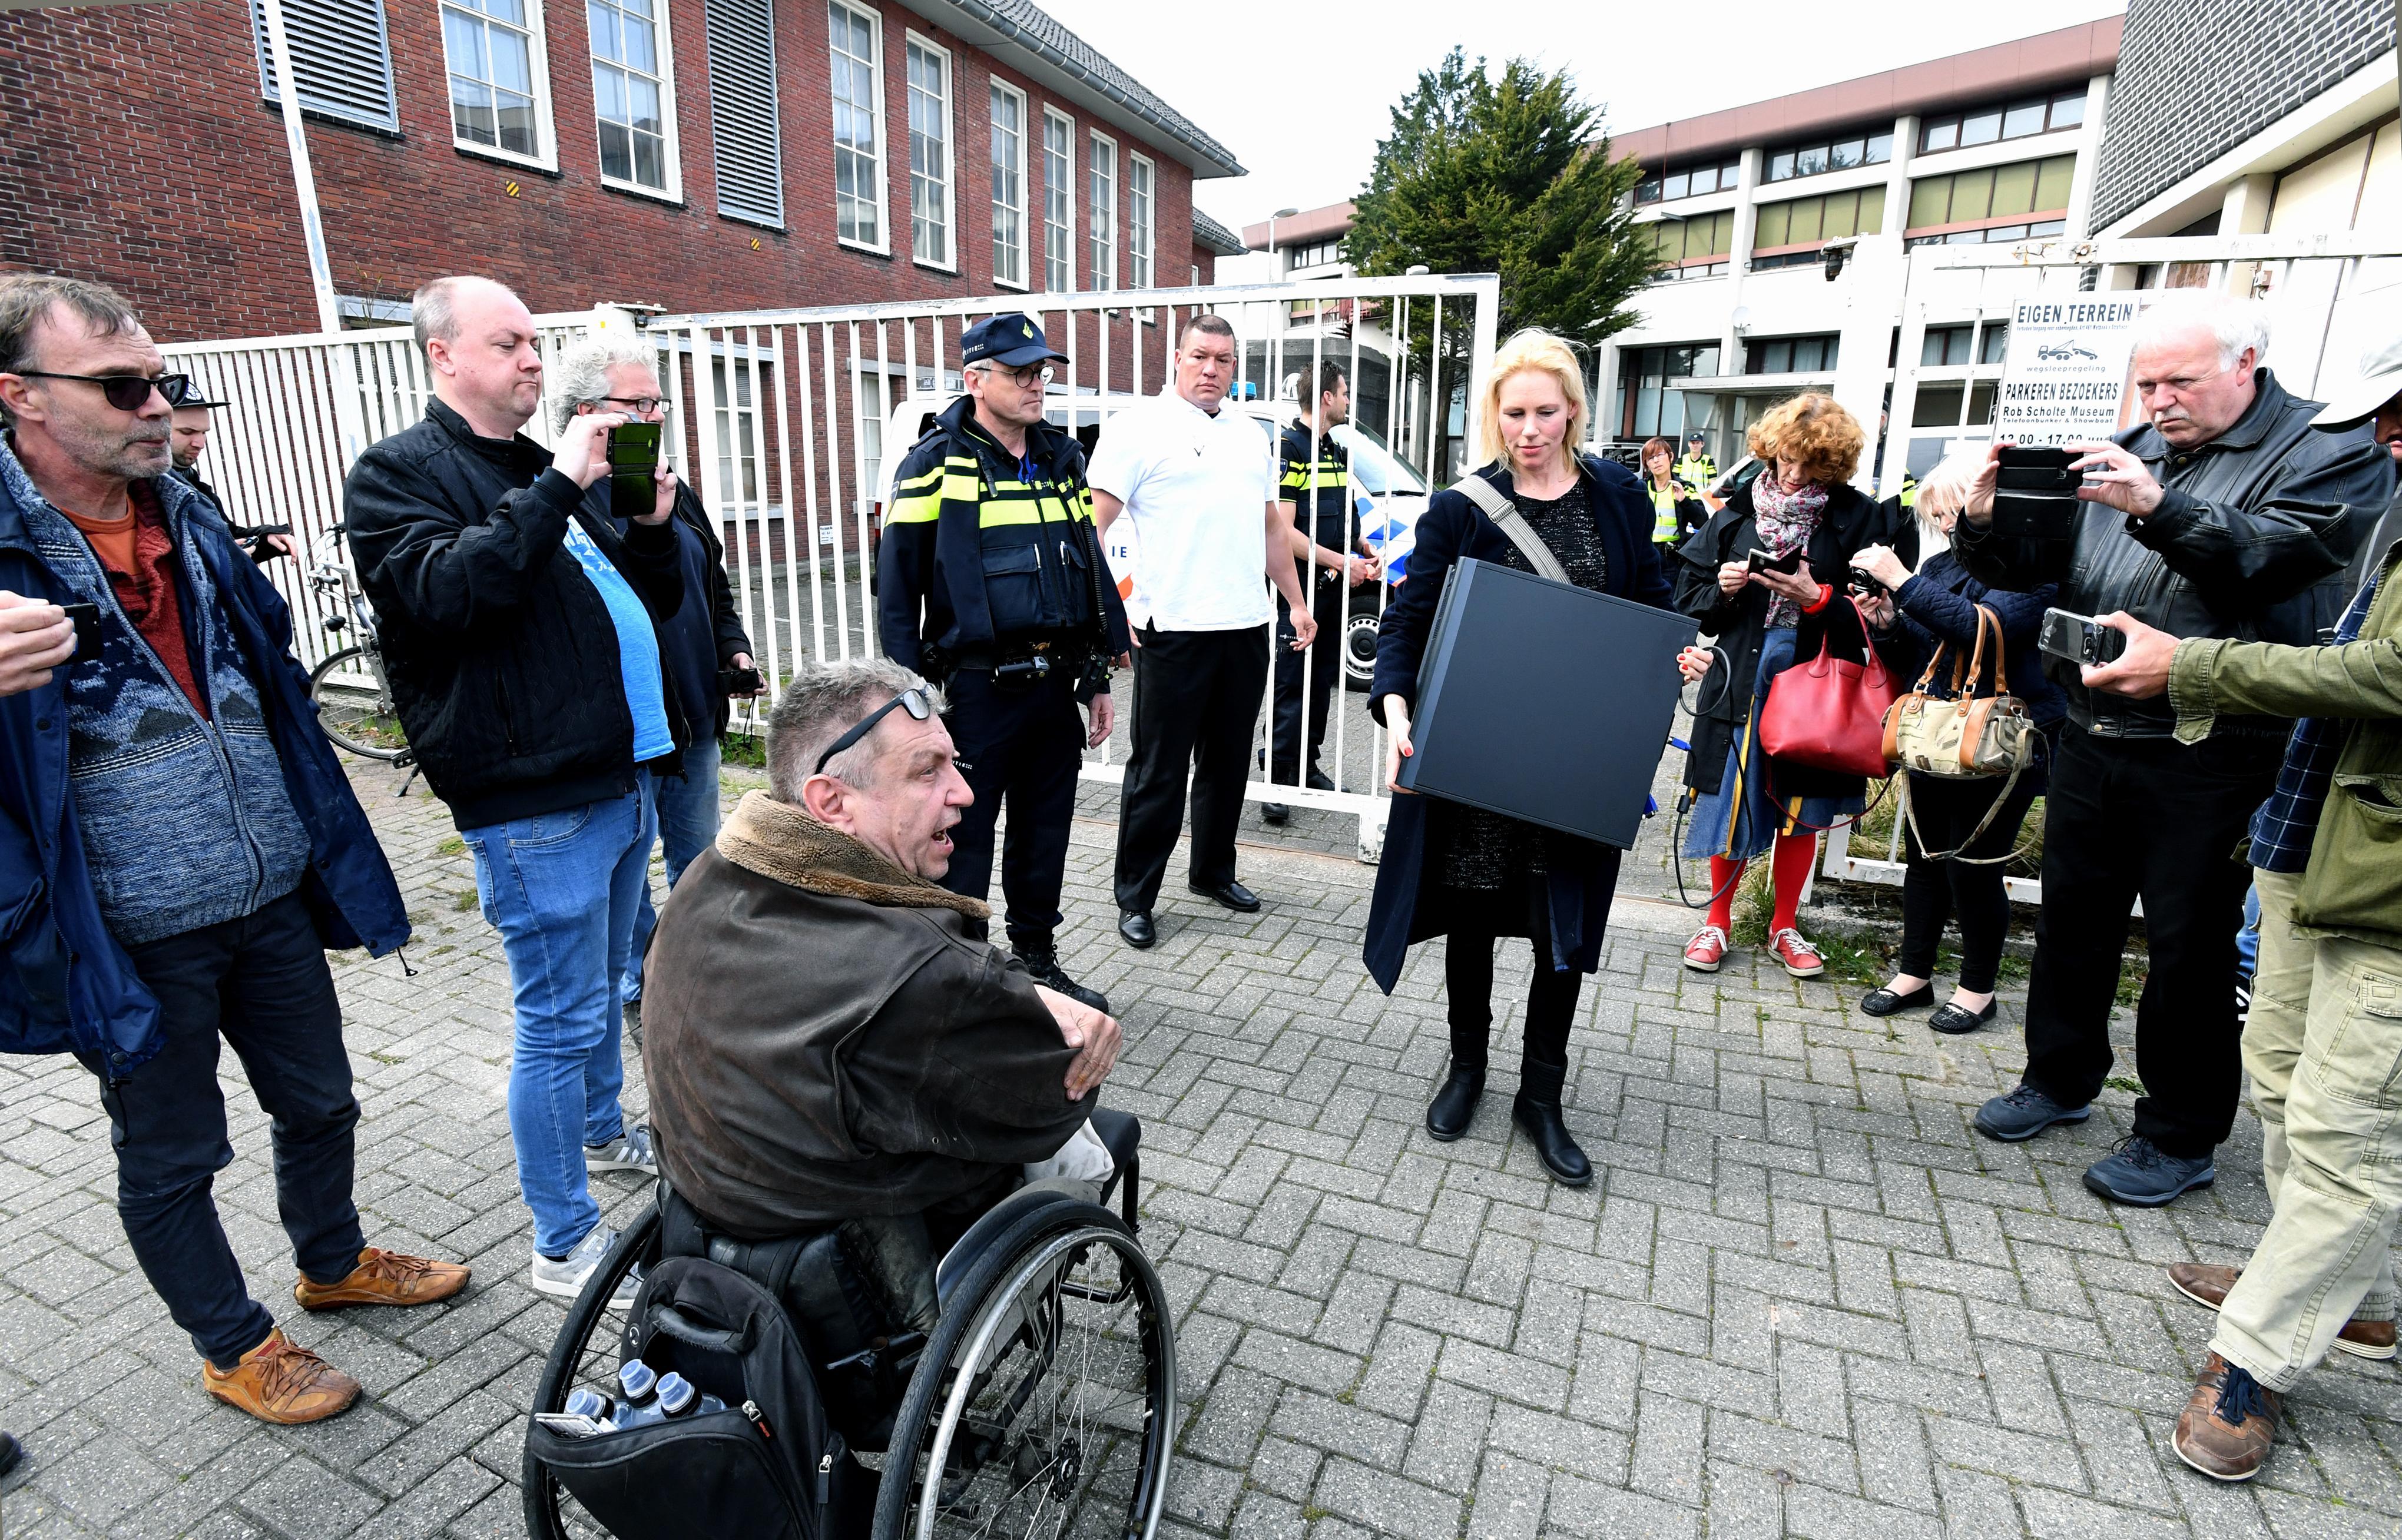 Den Helder gaat over tot het veilen van de kunst van Rob Scholte. Kunstenaar reageert: 'Krankzinnig'